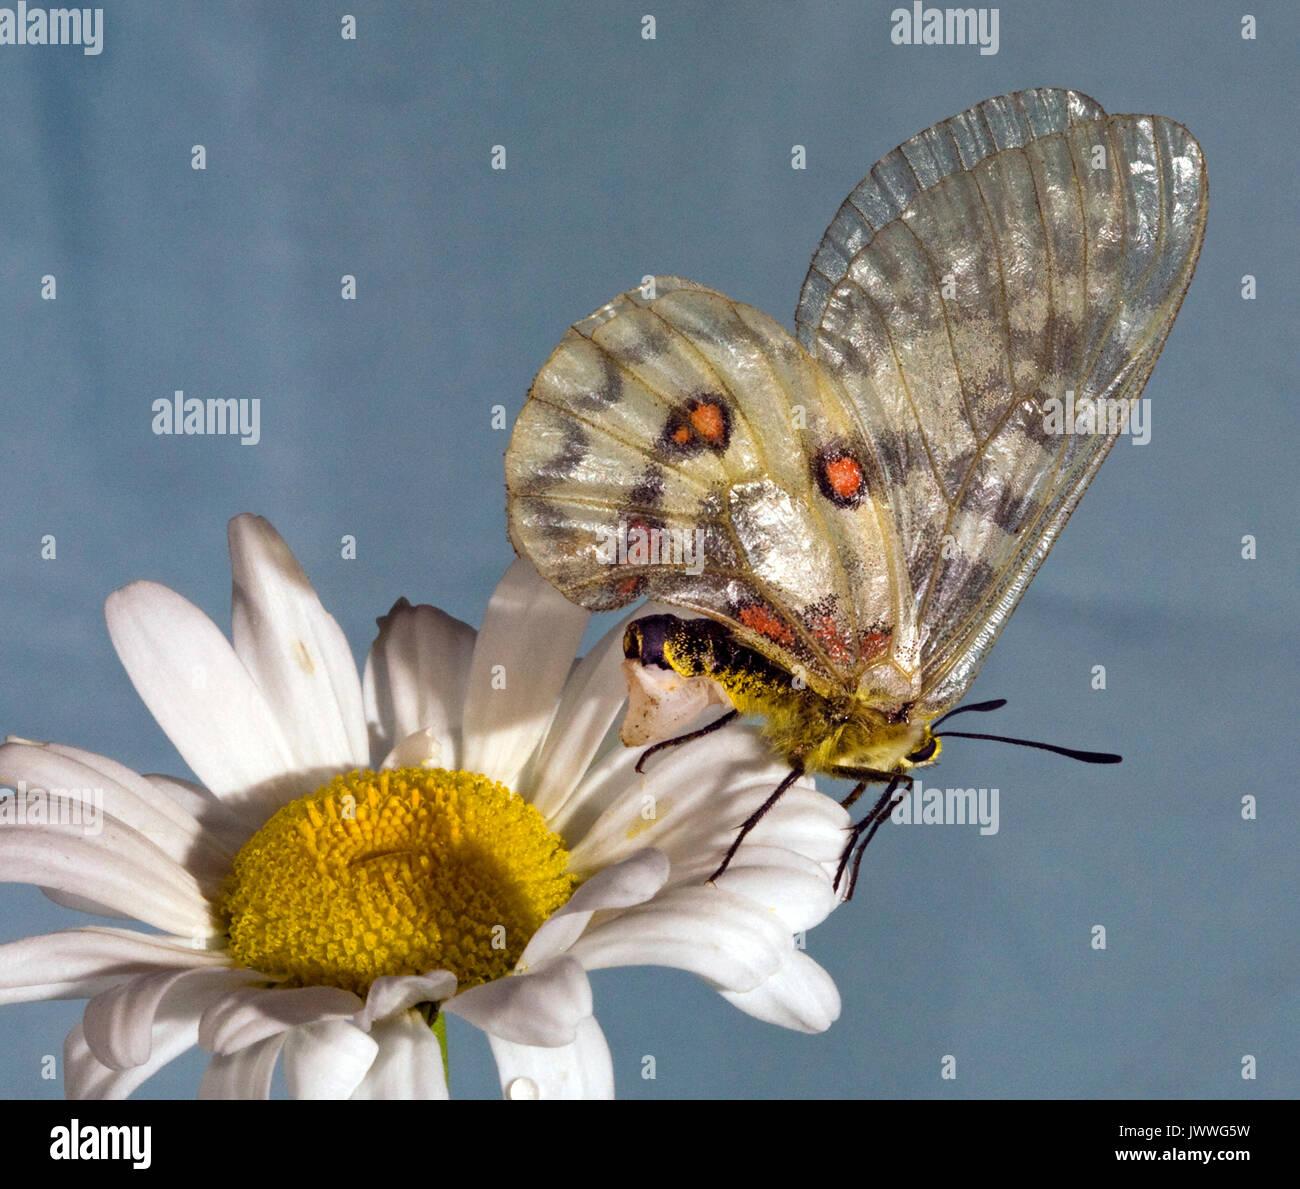 Una hembra de mariposa Parnassian Clodius descansa sobre un ojo de buey daisy. La estructura blanquecina en su abdomen es un sphragis, un enchufe de acoplamiento deposita en su g Imagen De Stock